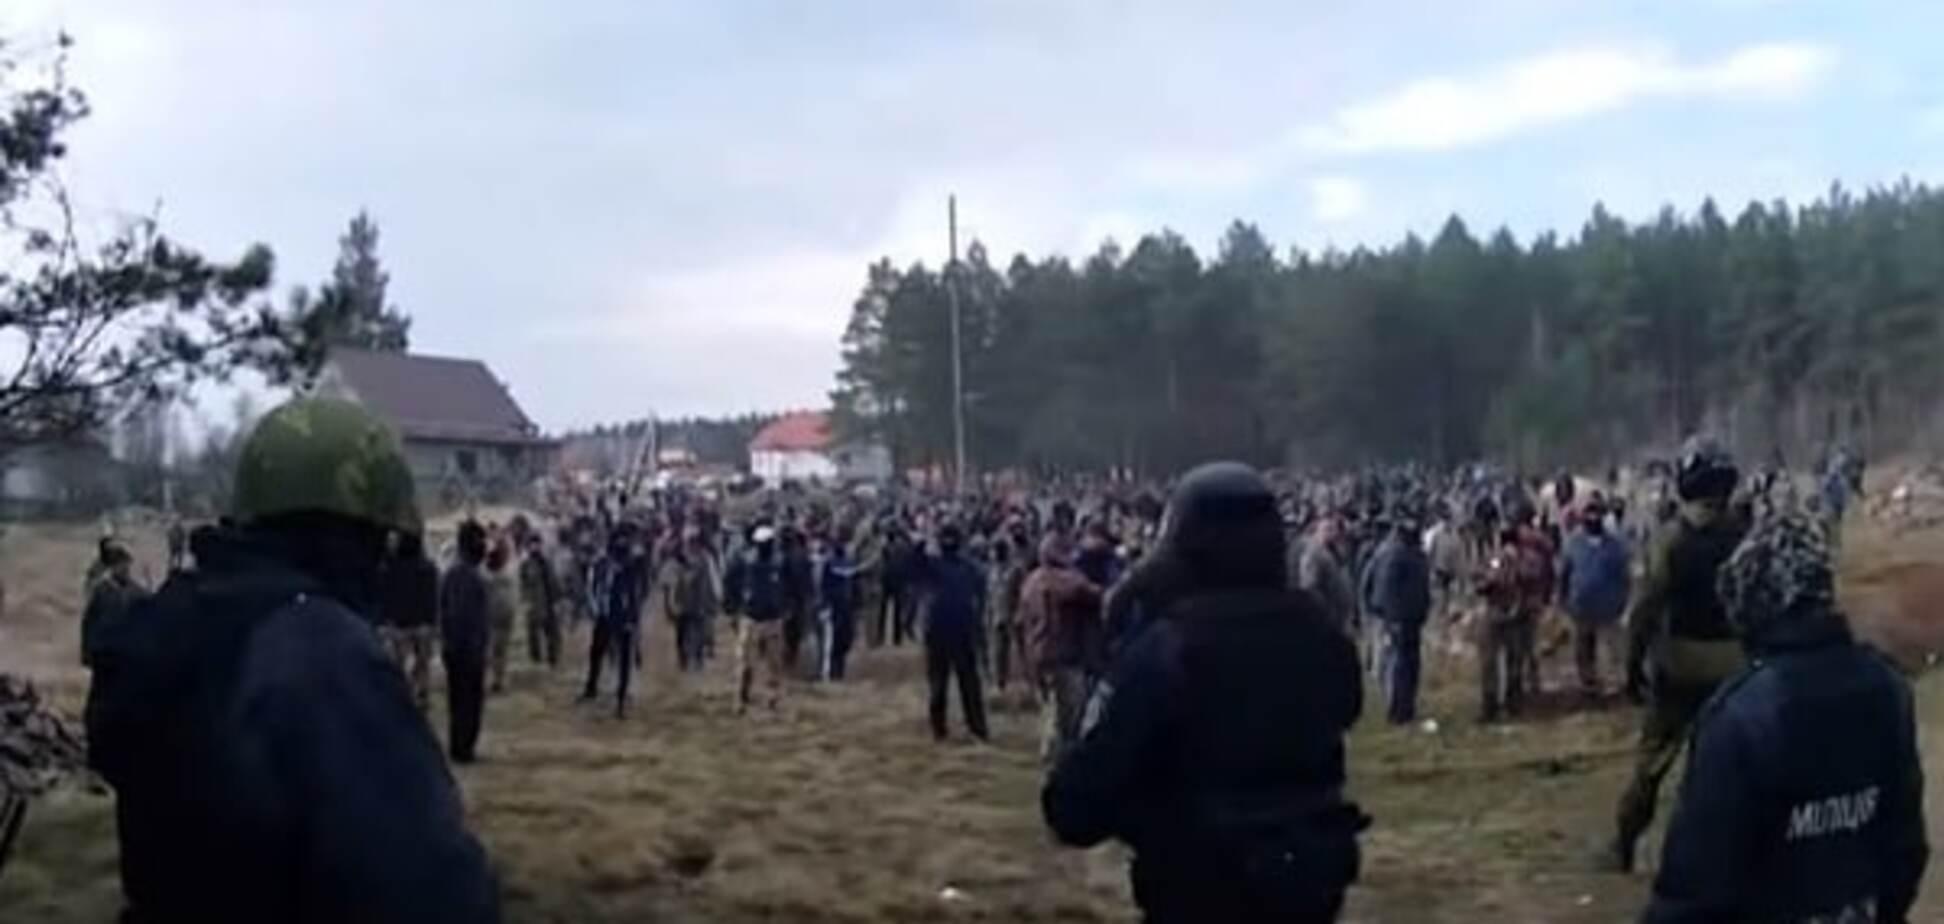 'Живими не поїдете!': опубліковано відео масової сутички поліції з бурштинокопачами